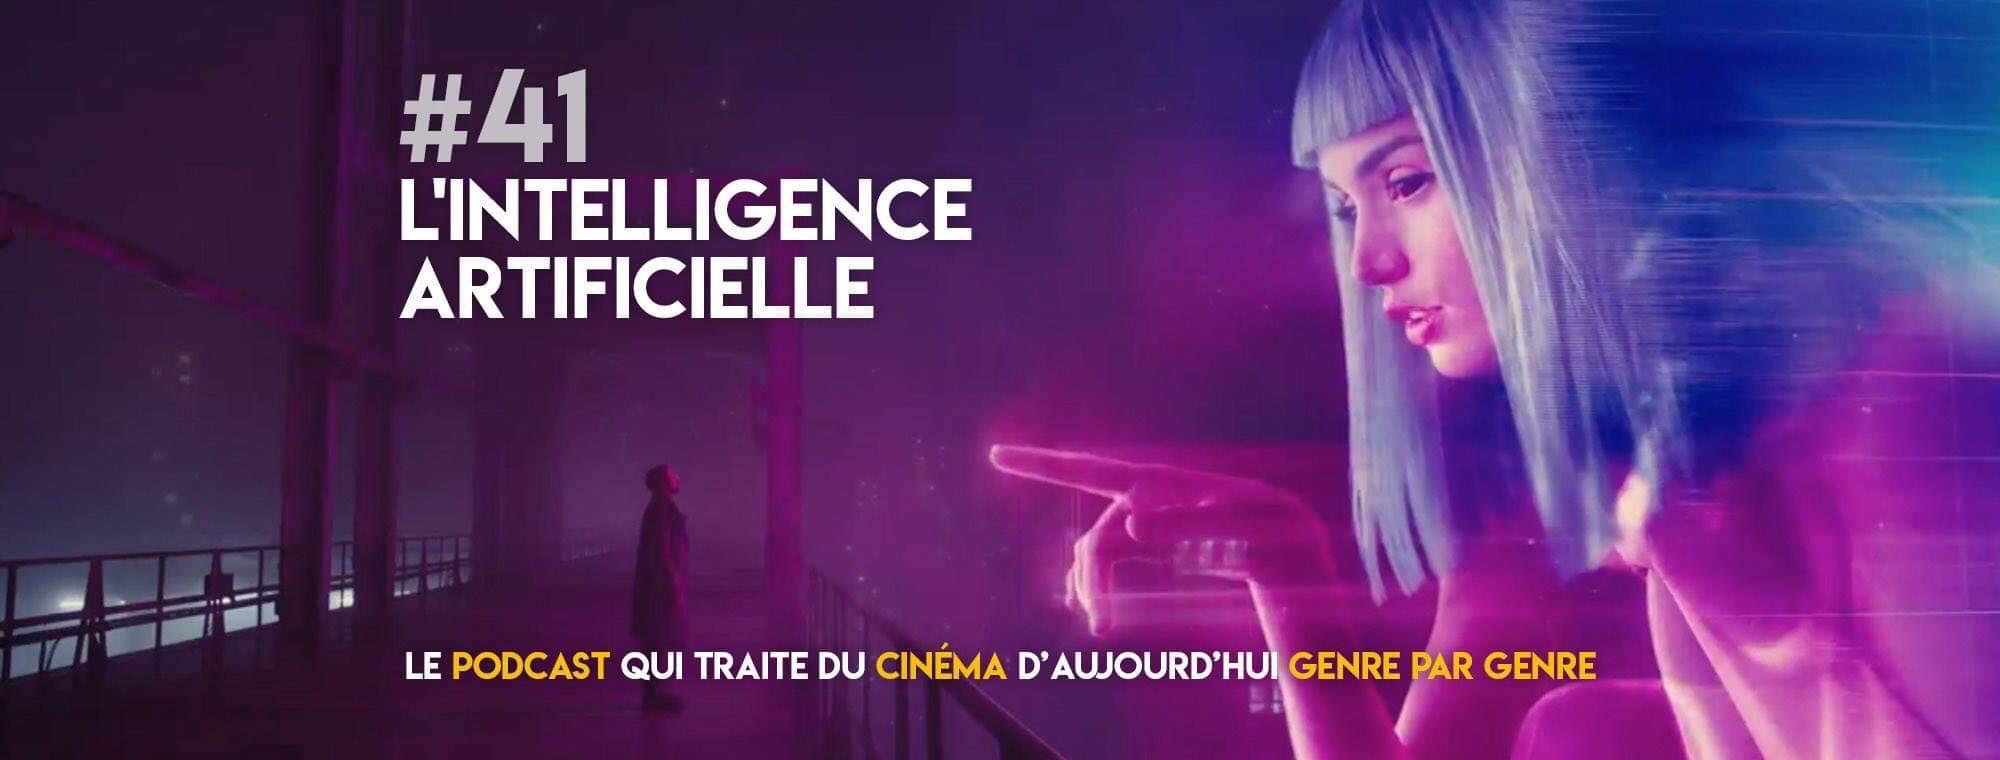 Parlons Péloches - #41 L'intelligence artificielle